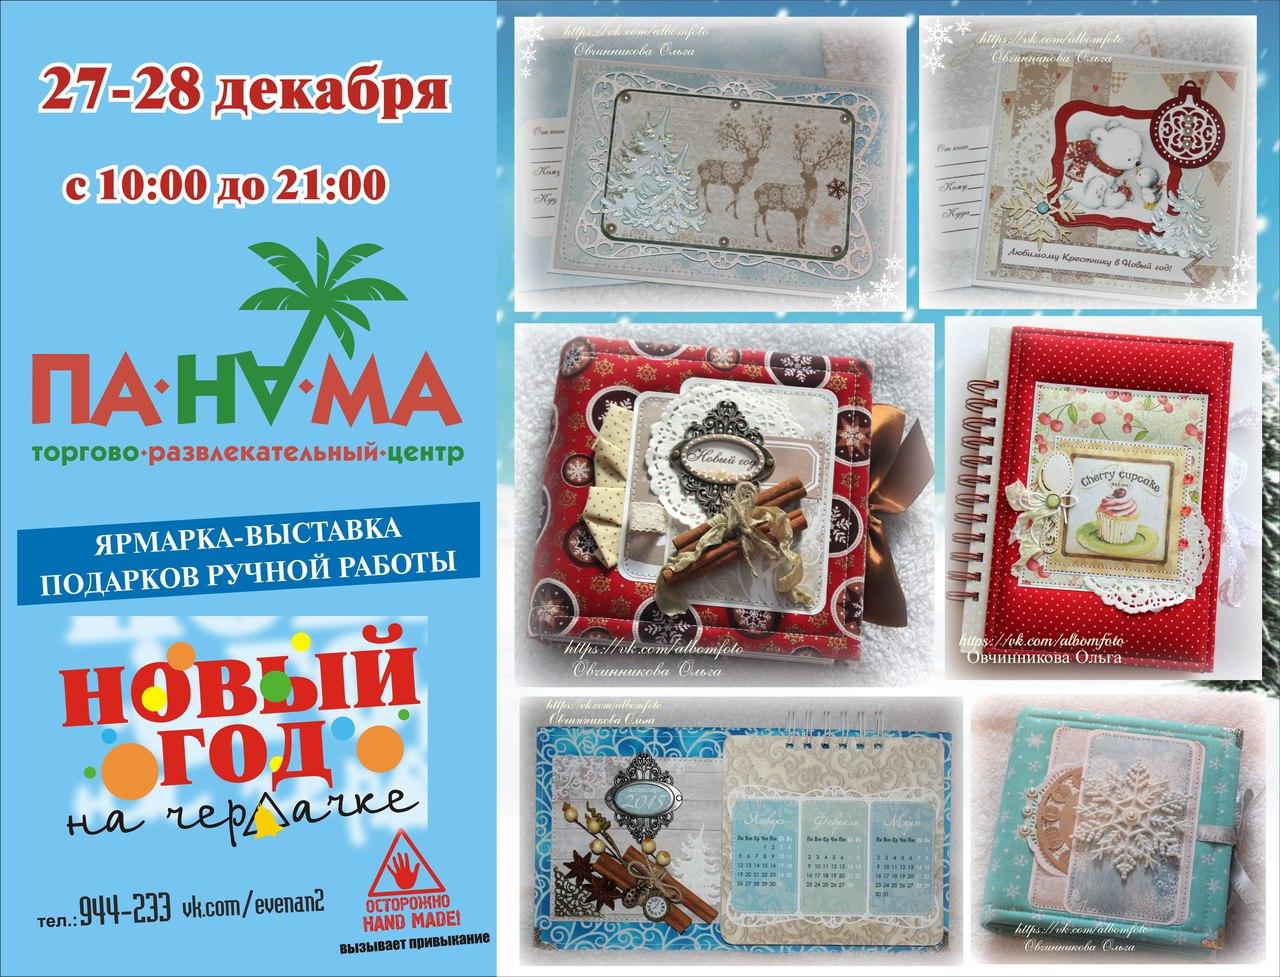 Подарки с частицей души - на большой hand made ярмарке 2